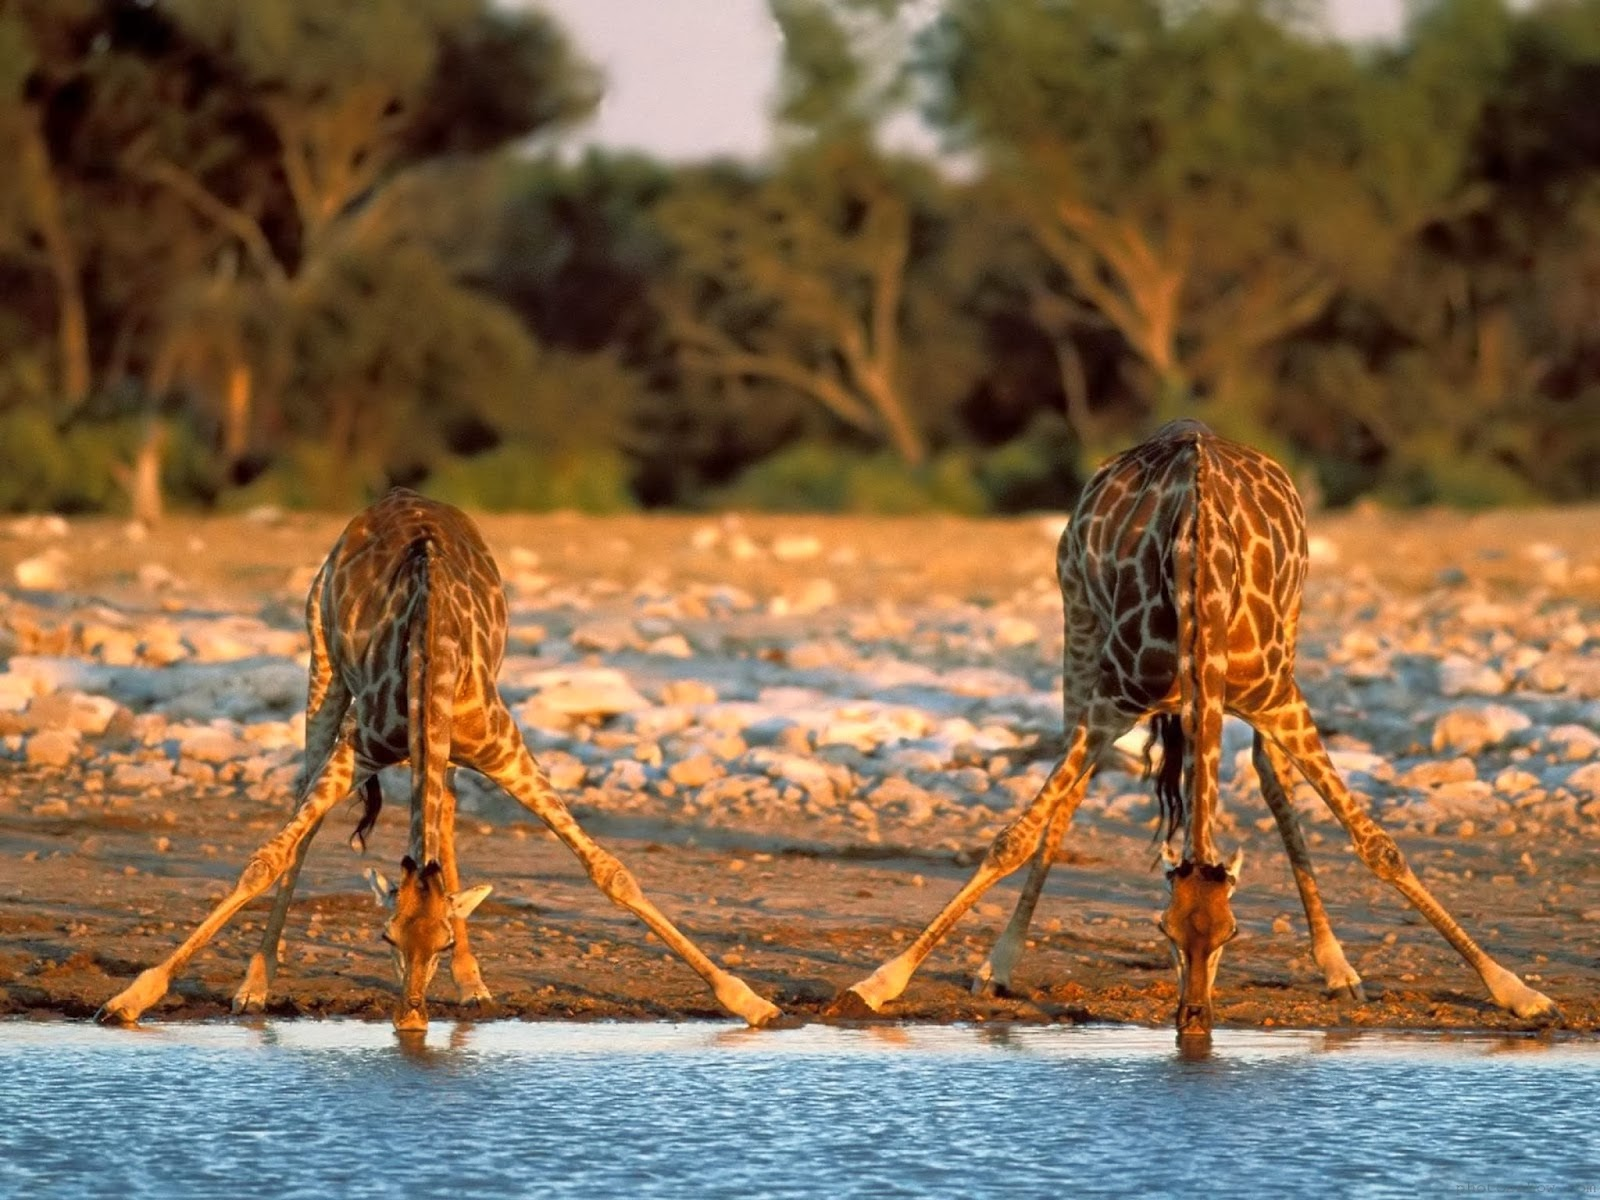 «Башни» Африки - интересная статья о жирафах!